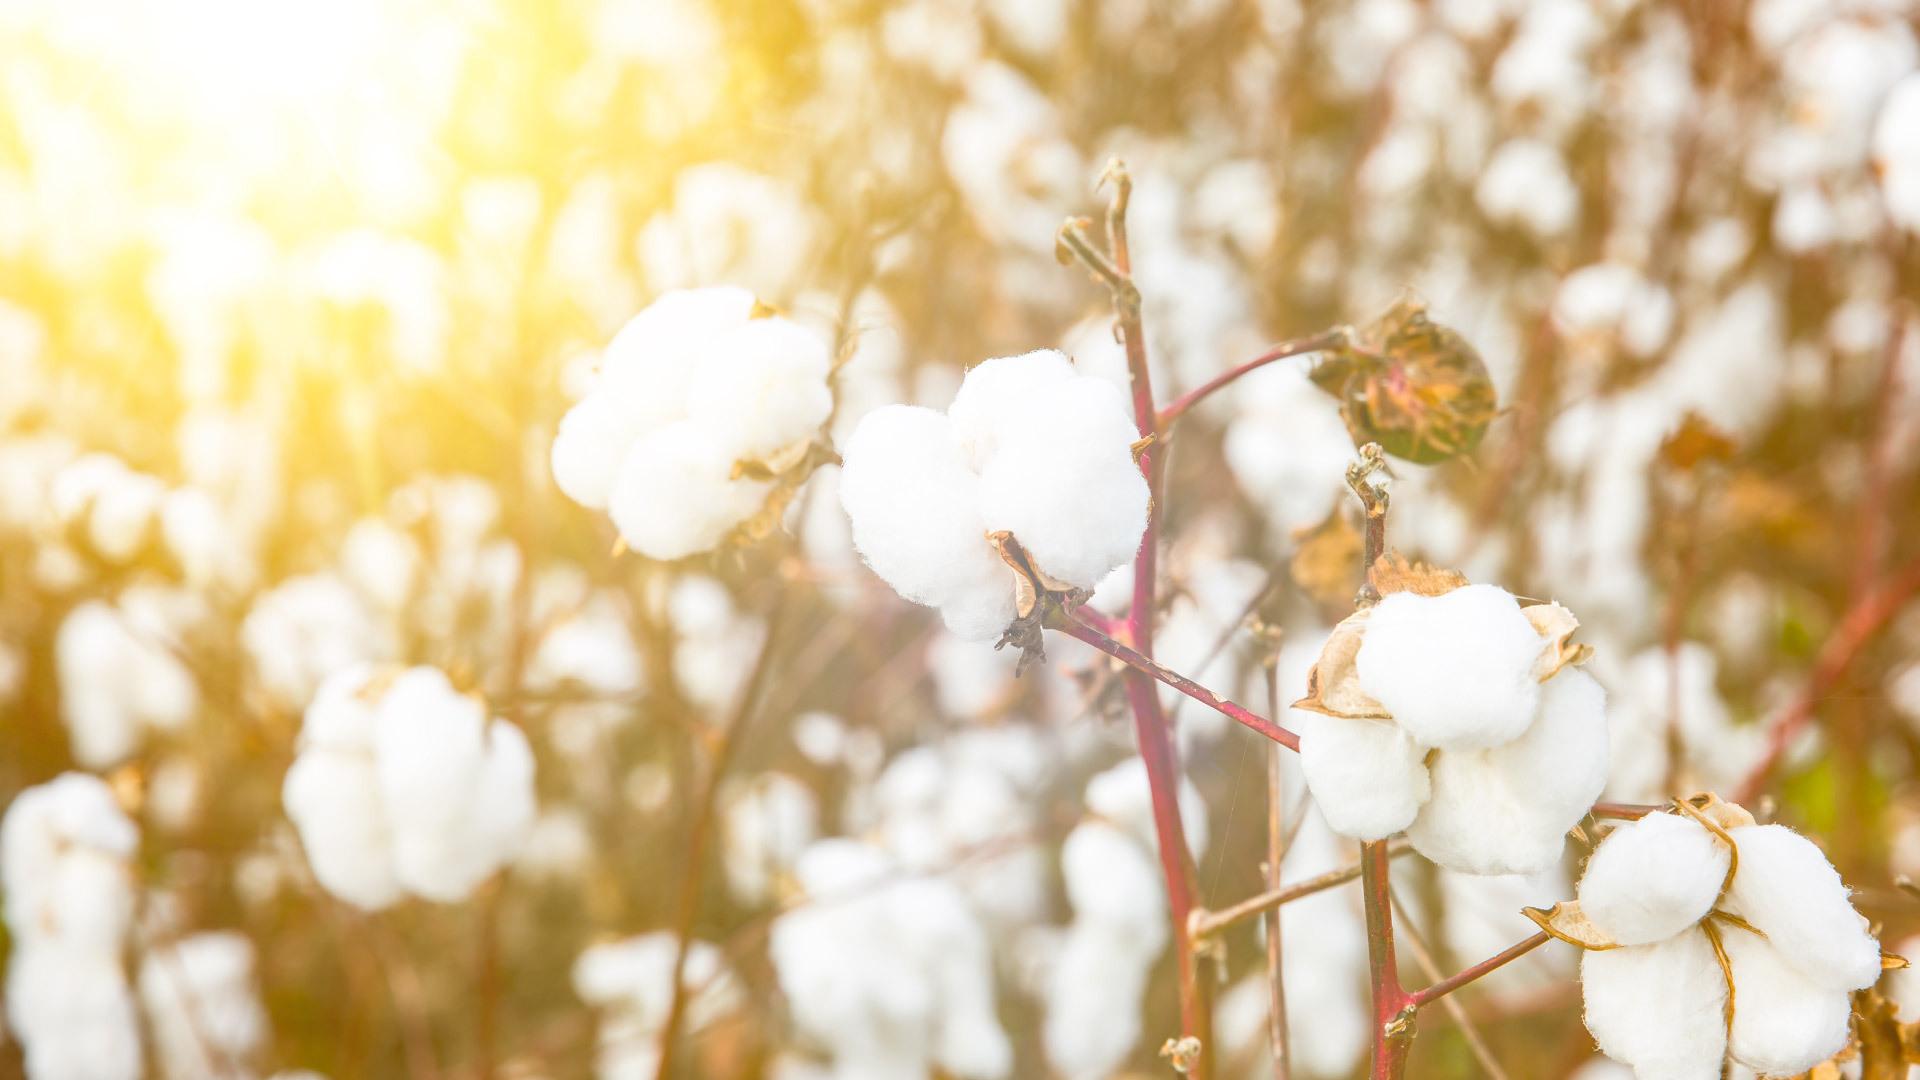 100%纯棉材质,软糯亲肤